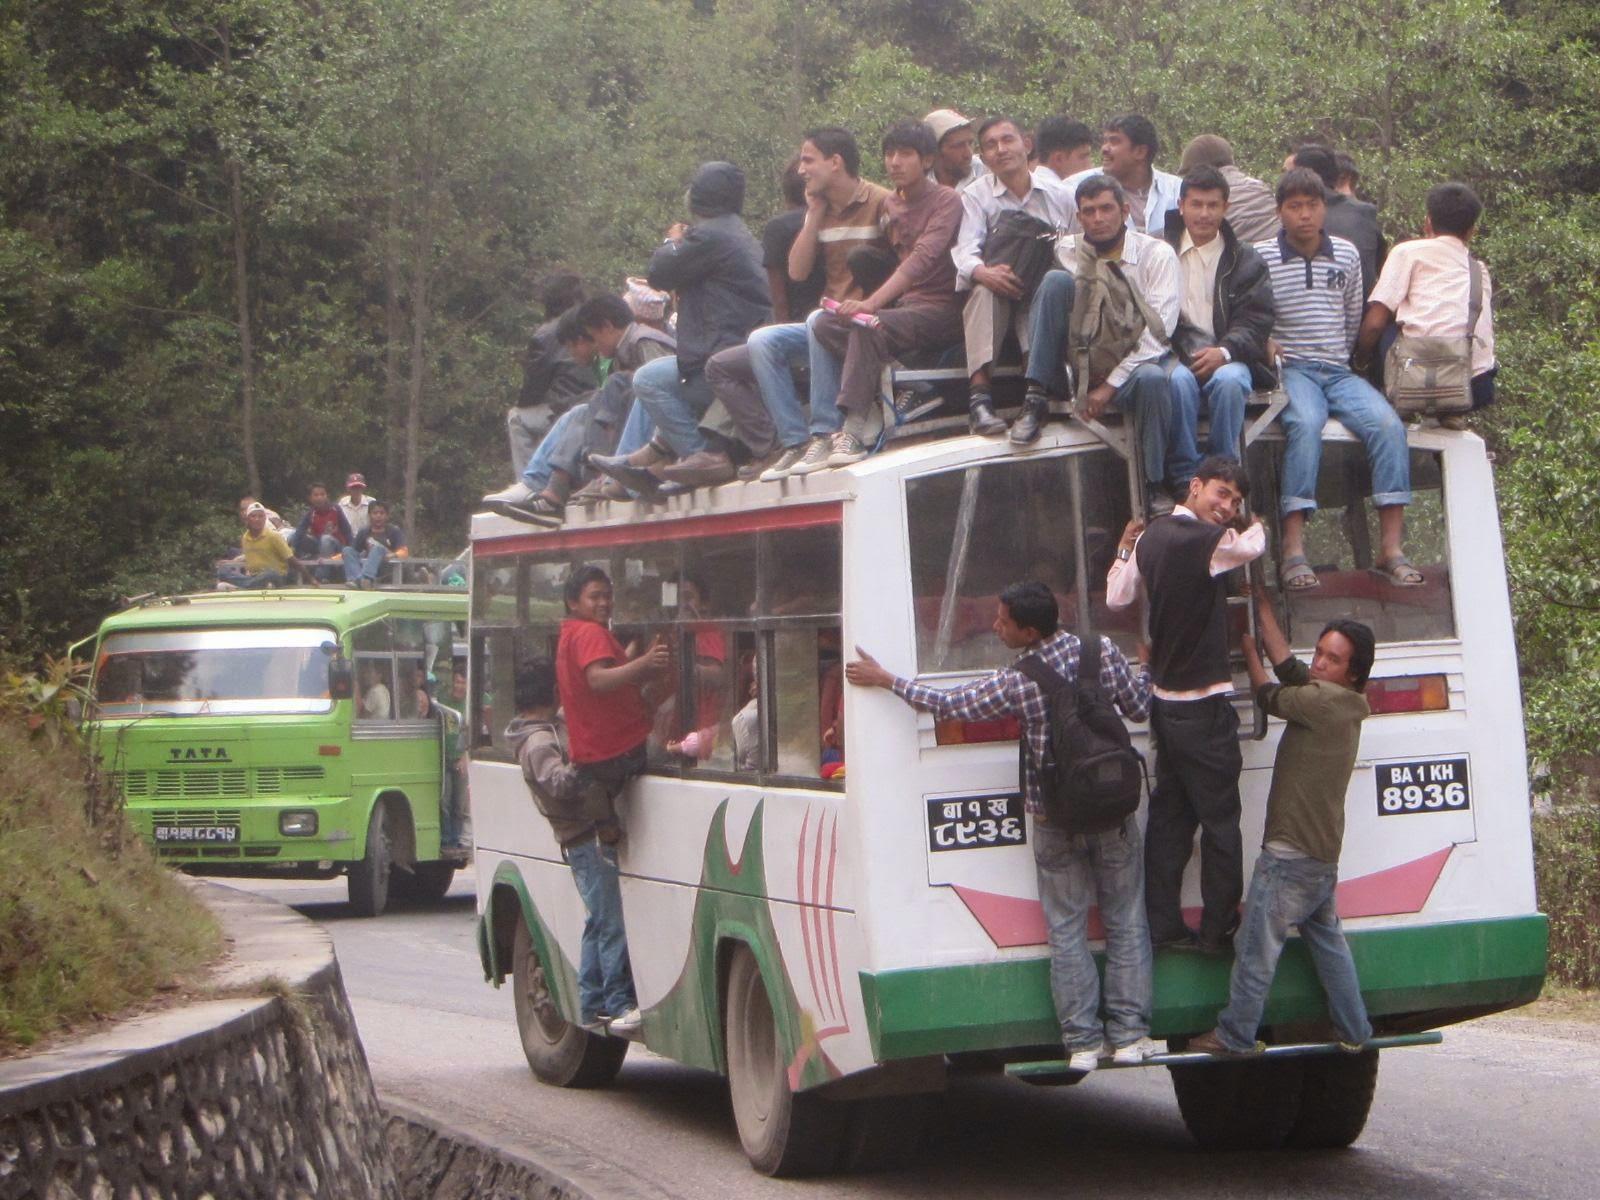 يركب الناس فوق أسطح الحافلات